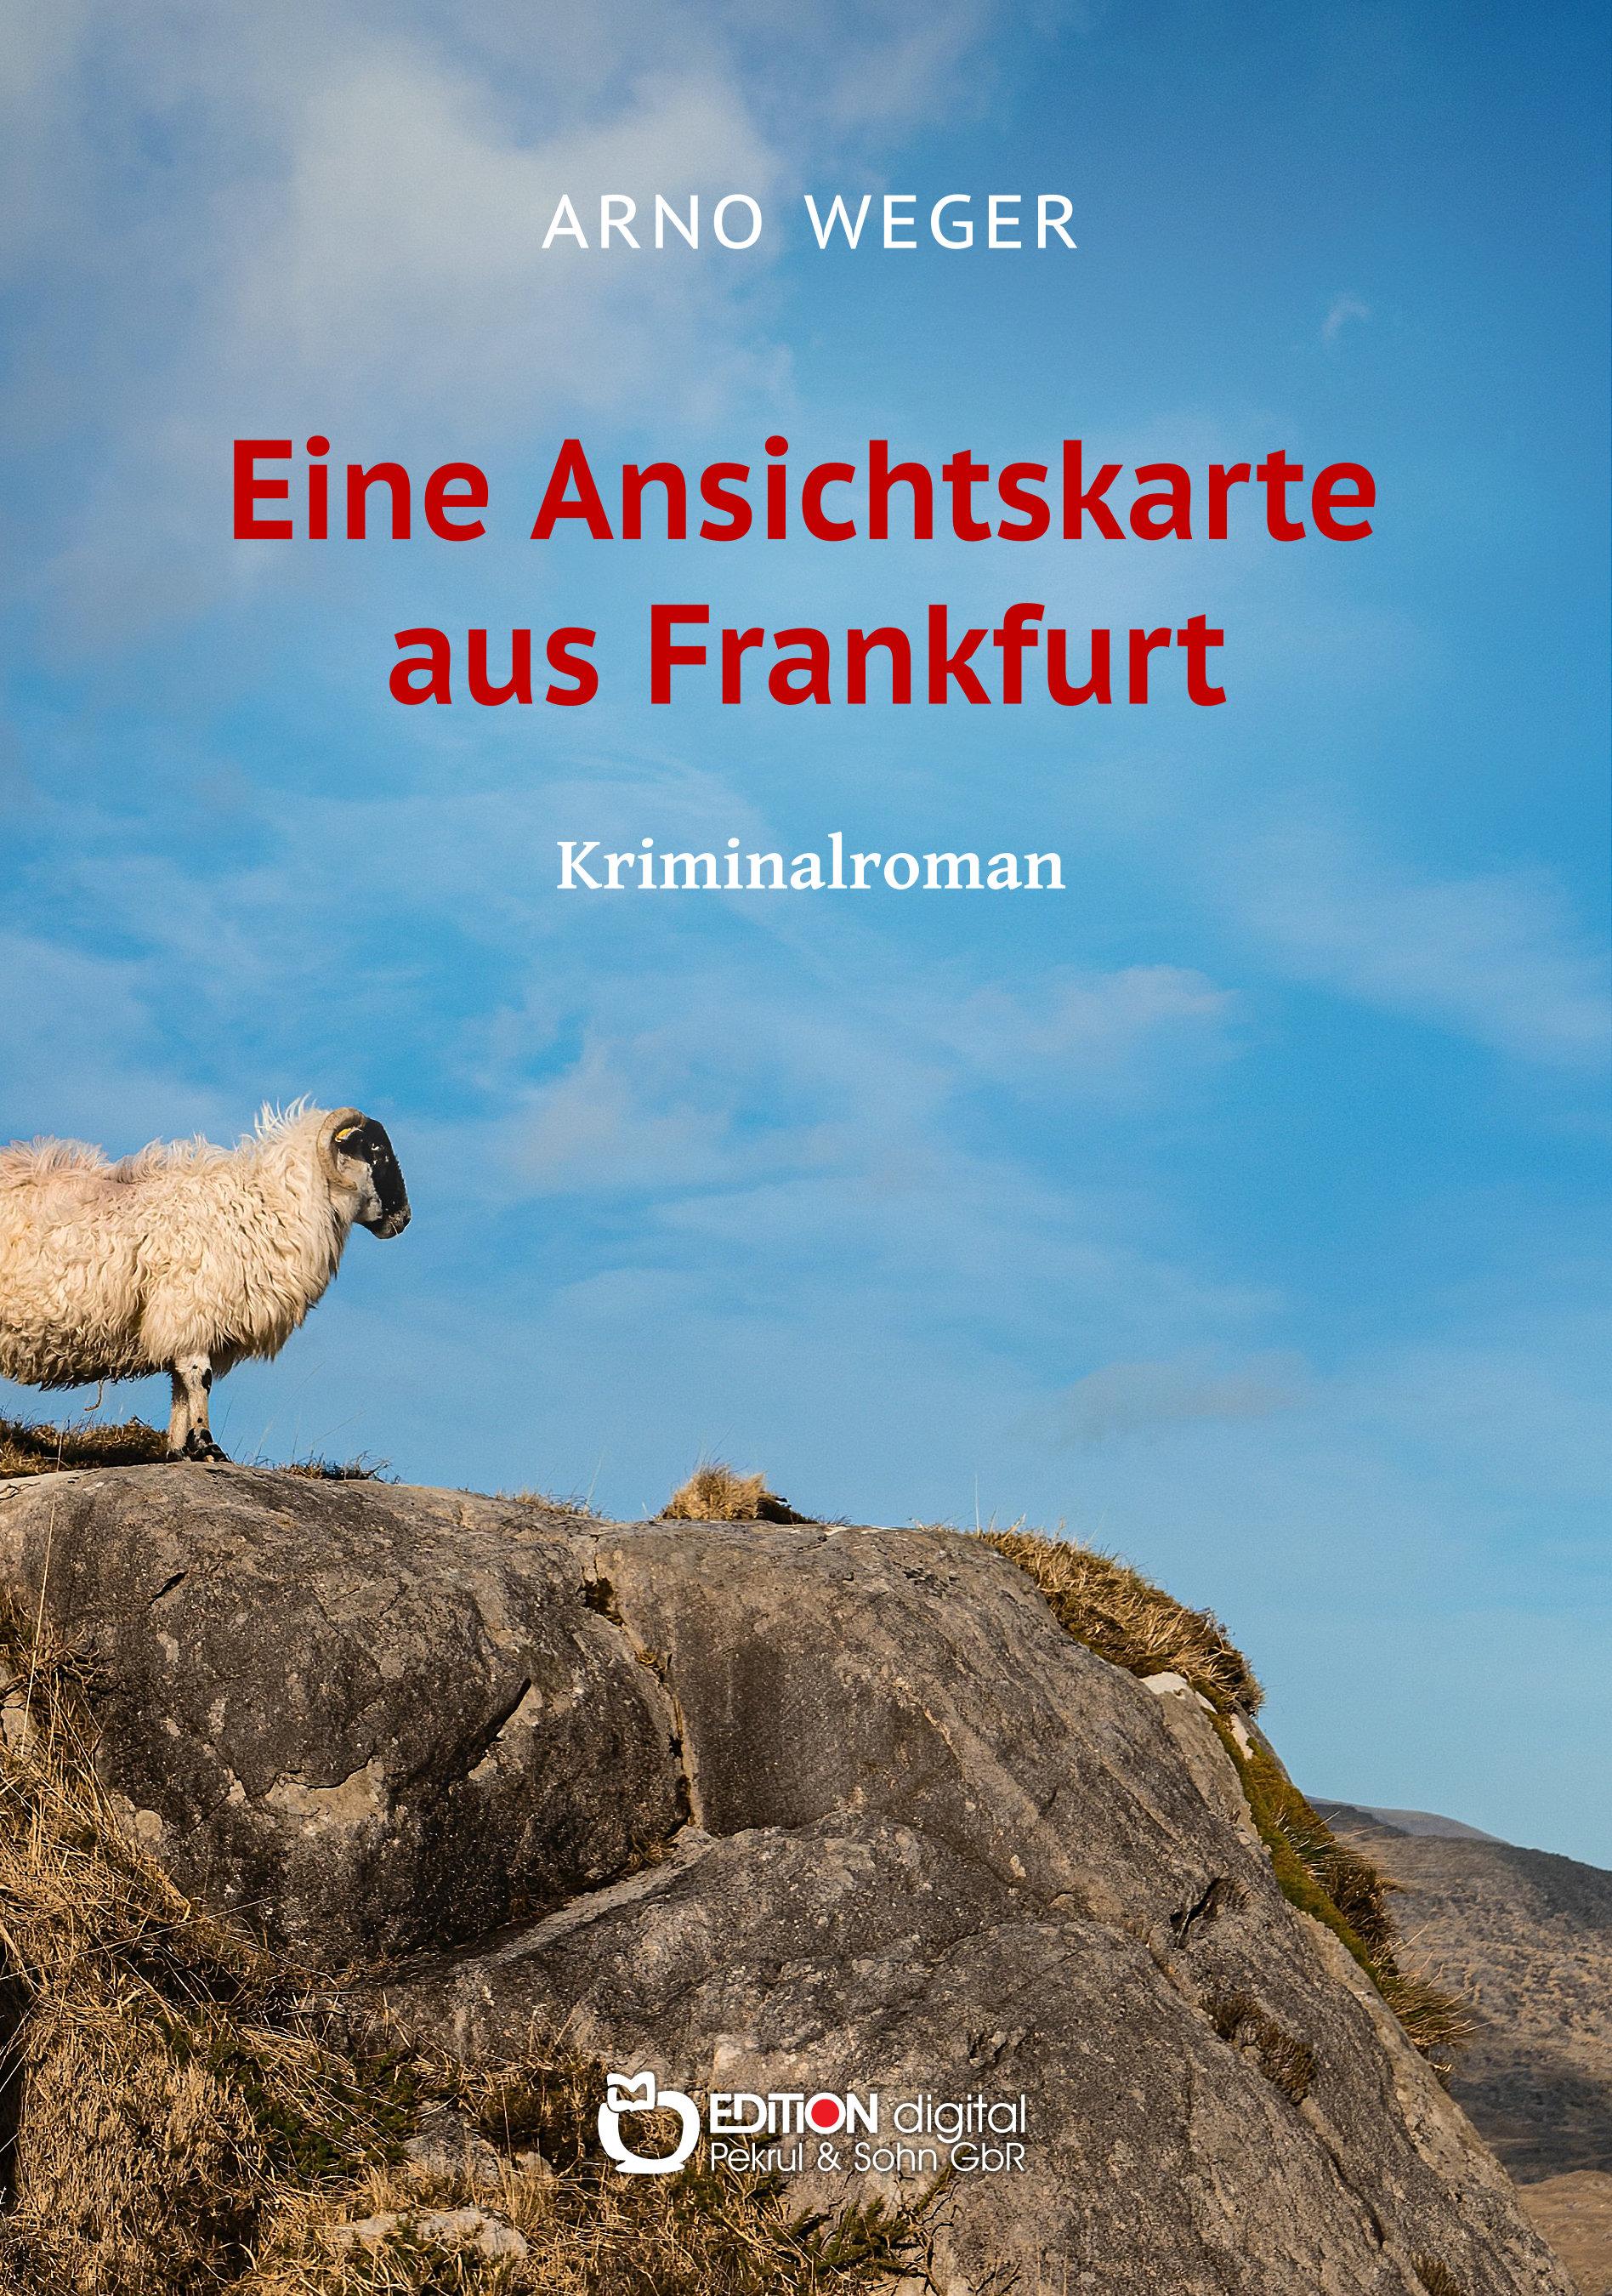 Eine Ansichtskarte aus Frankfurt. Kriminalroman von Arno Weger